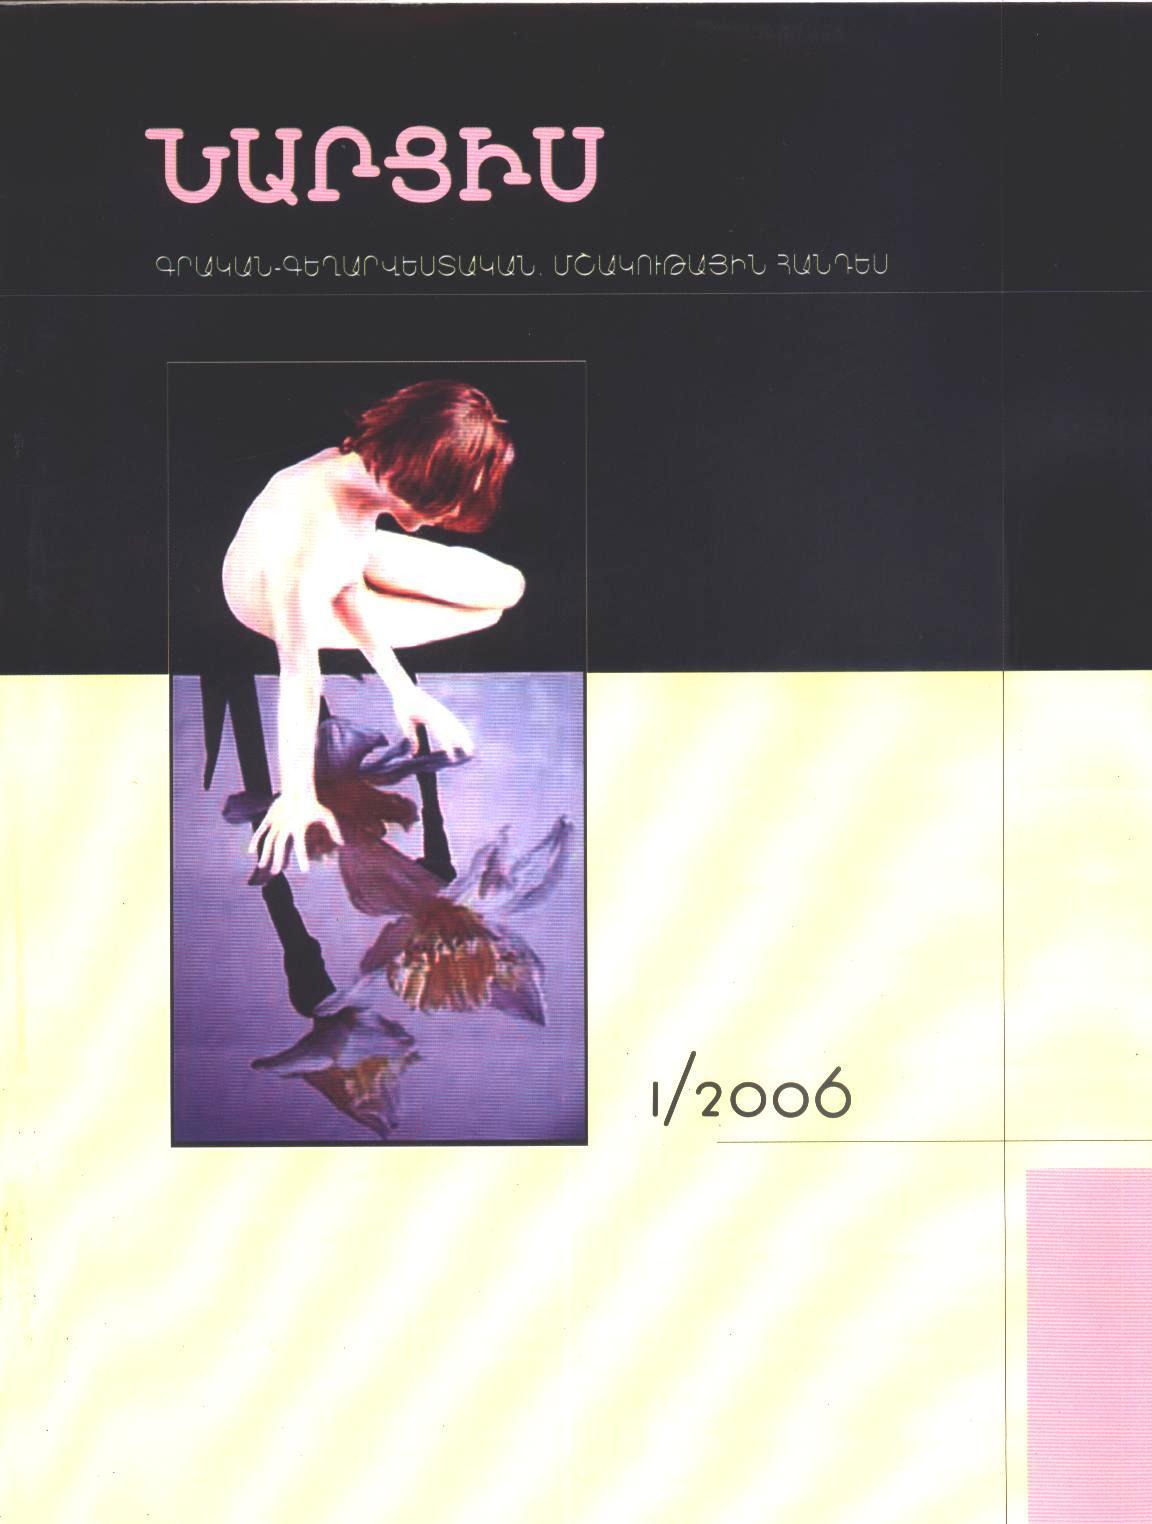 ՆԱՐՑԻՍ ՀԱՆԴԵՍ 1/2006